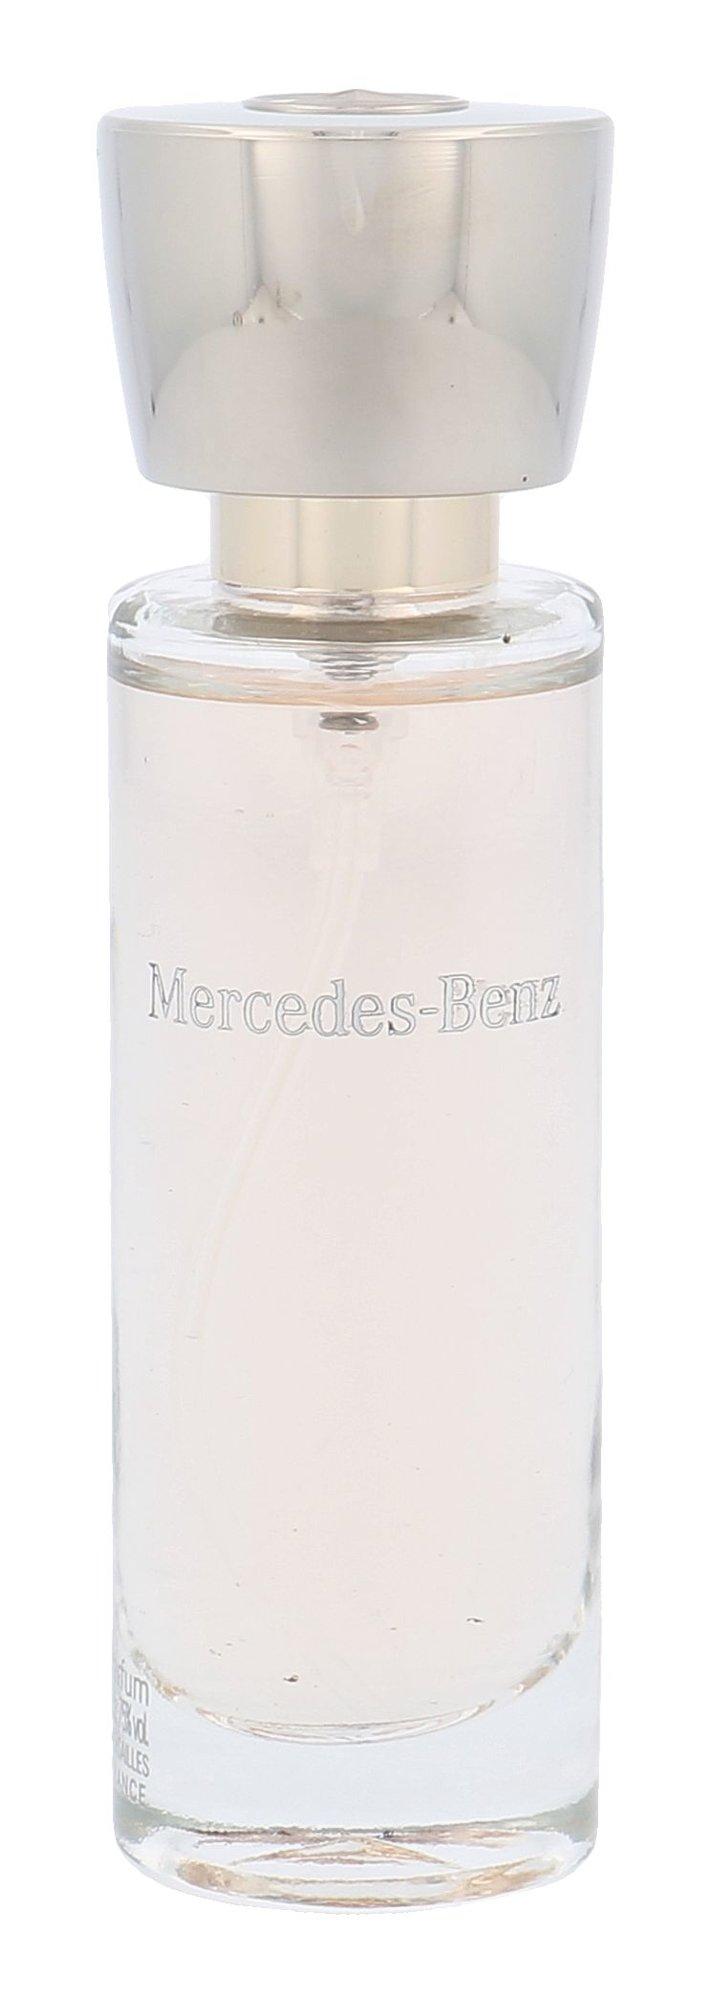 Mercedes-Benz Mercedes-Benz For Women EDP 15ml